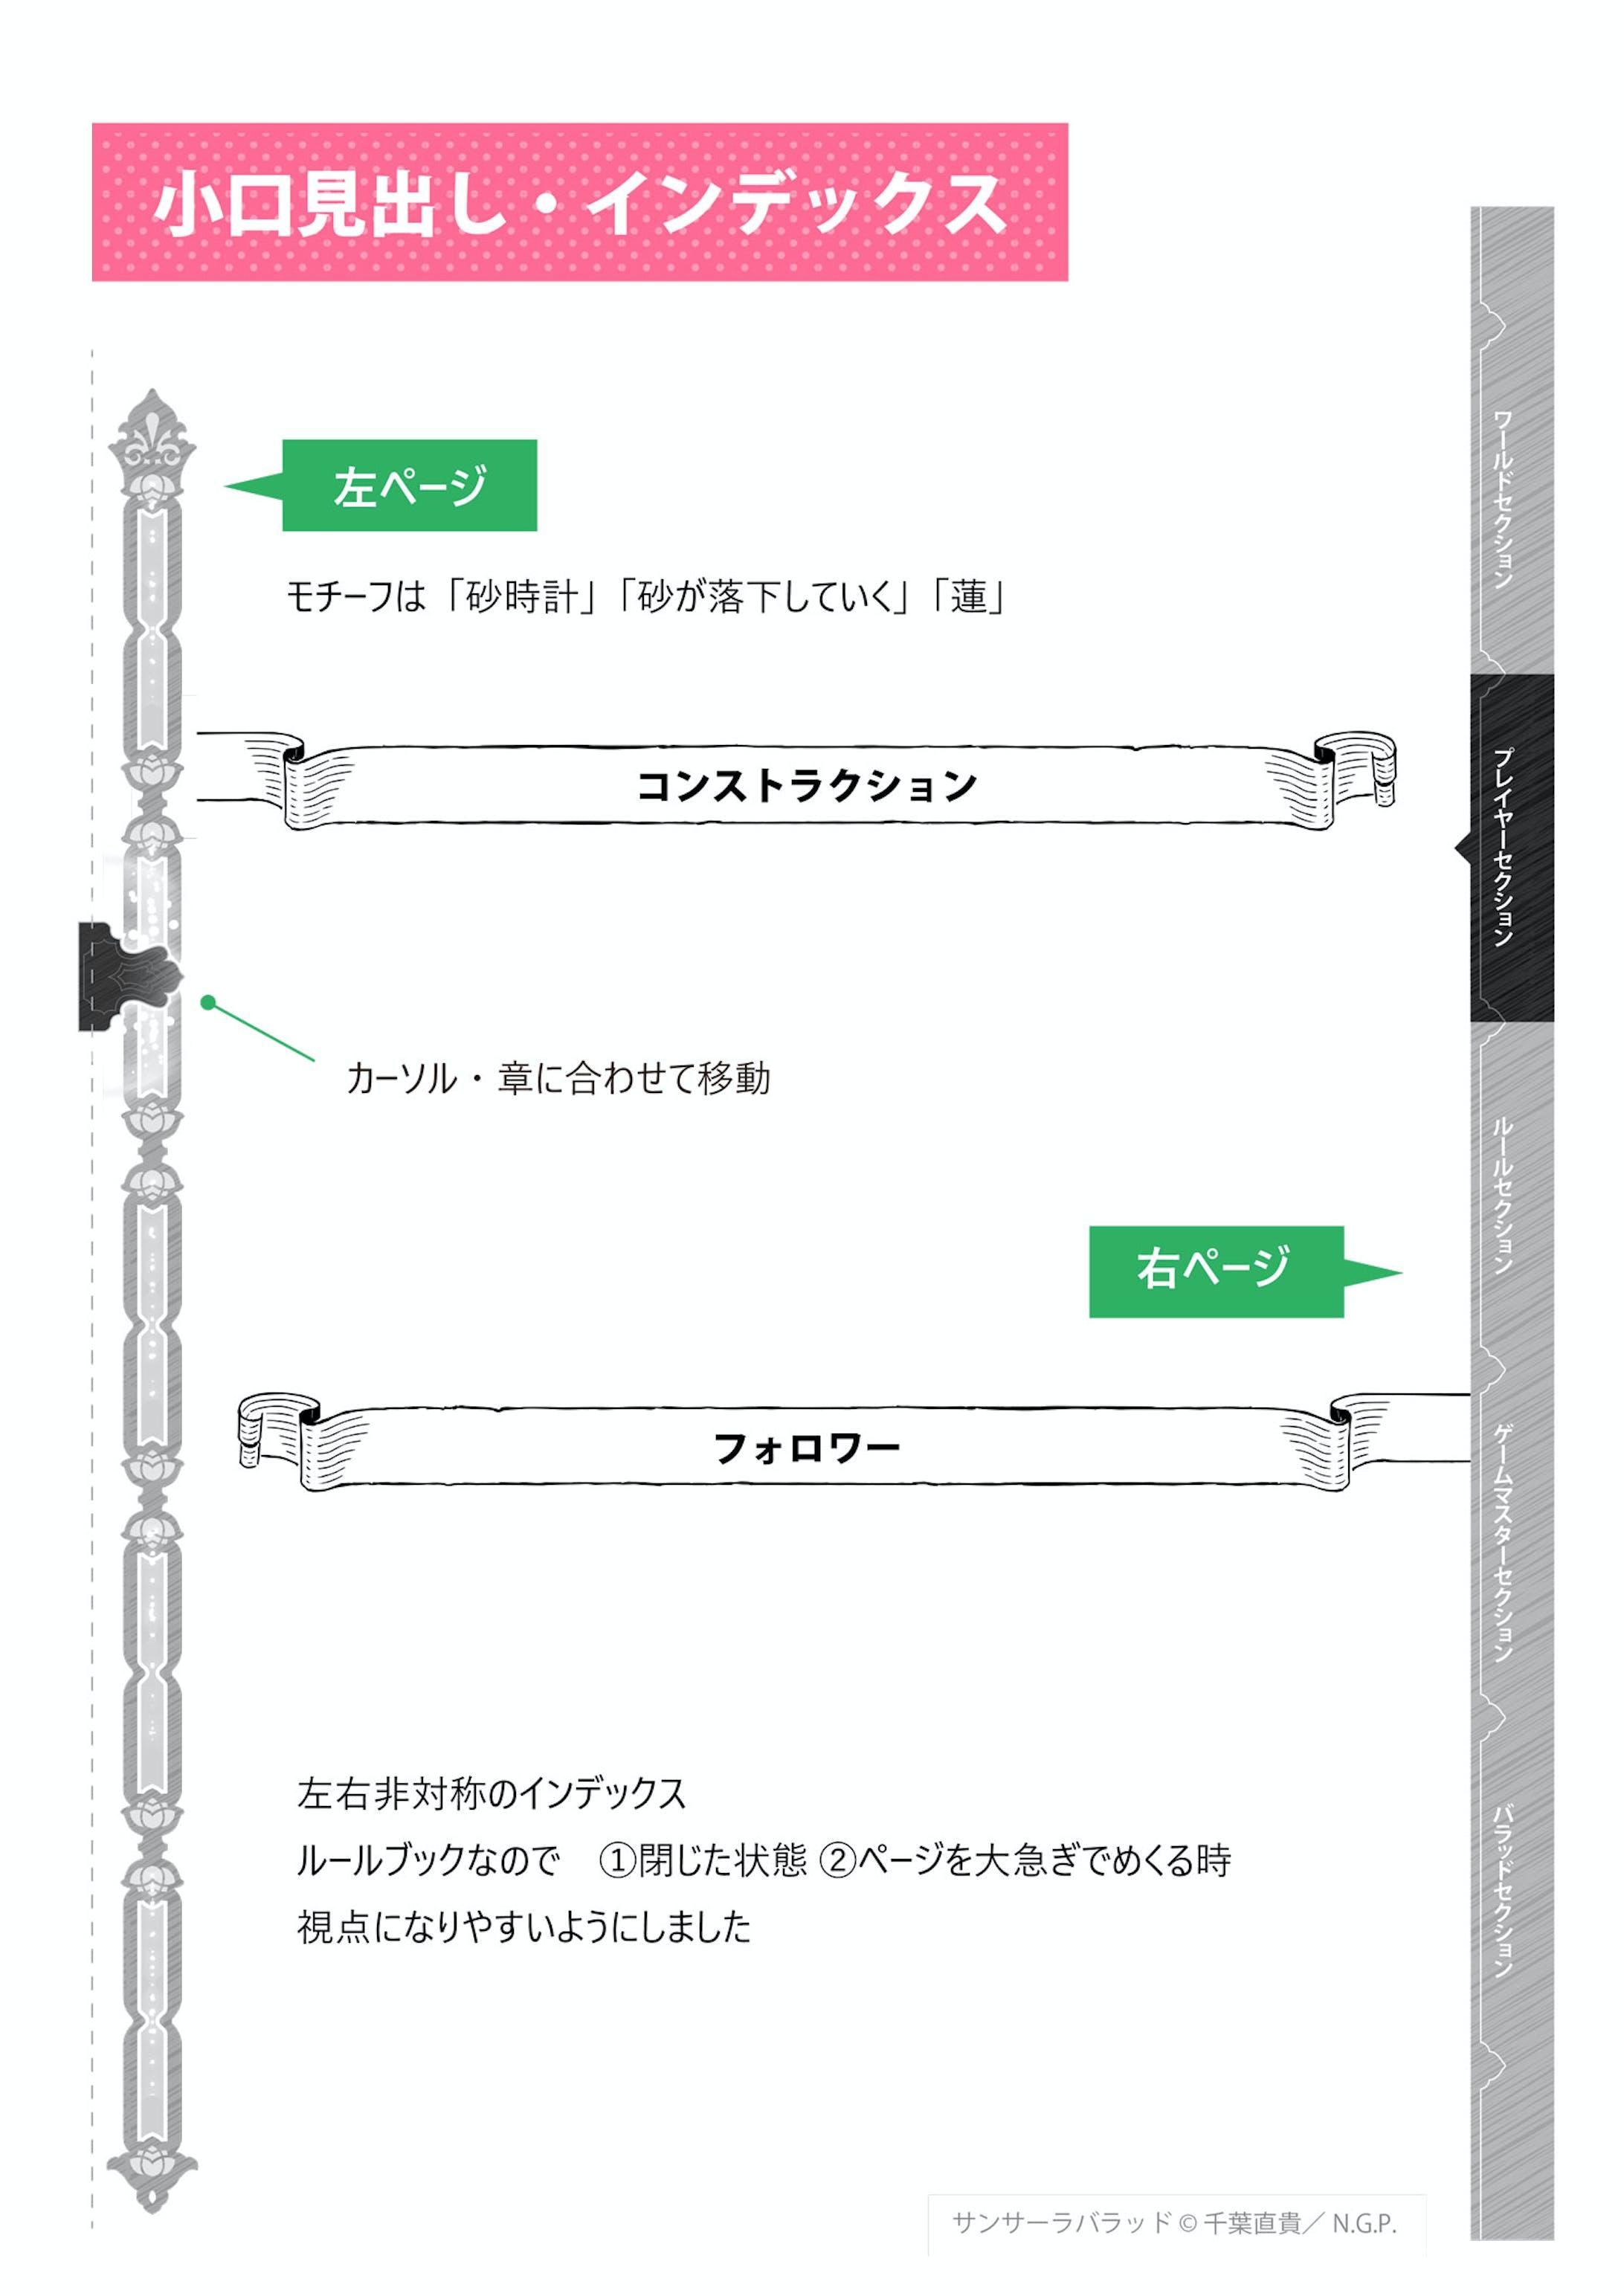 異世界転生RPG サンサーラ・バラッド - 誌面デザイン-9